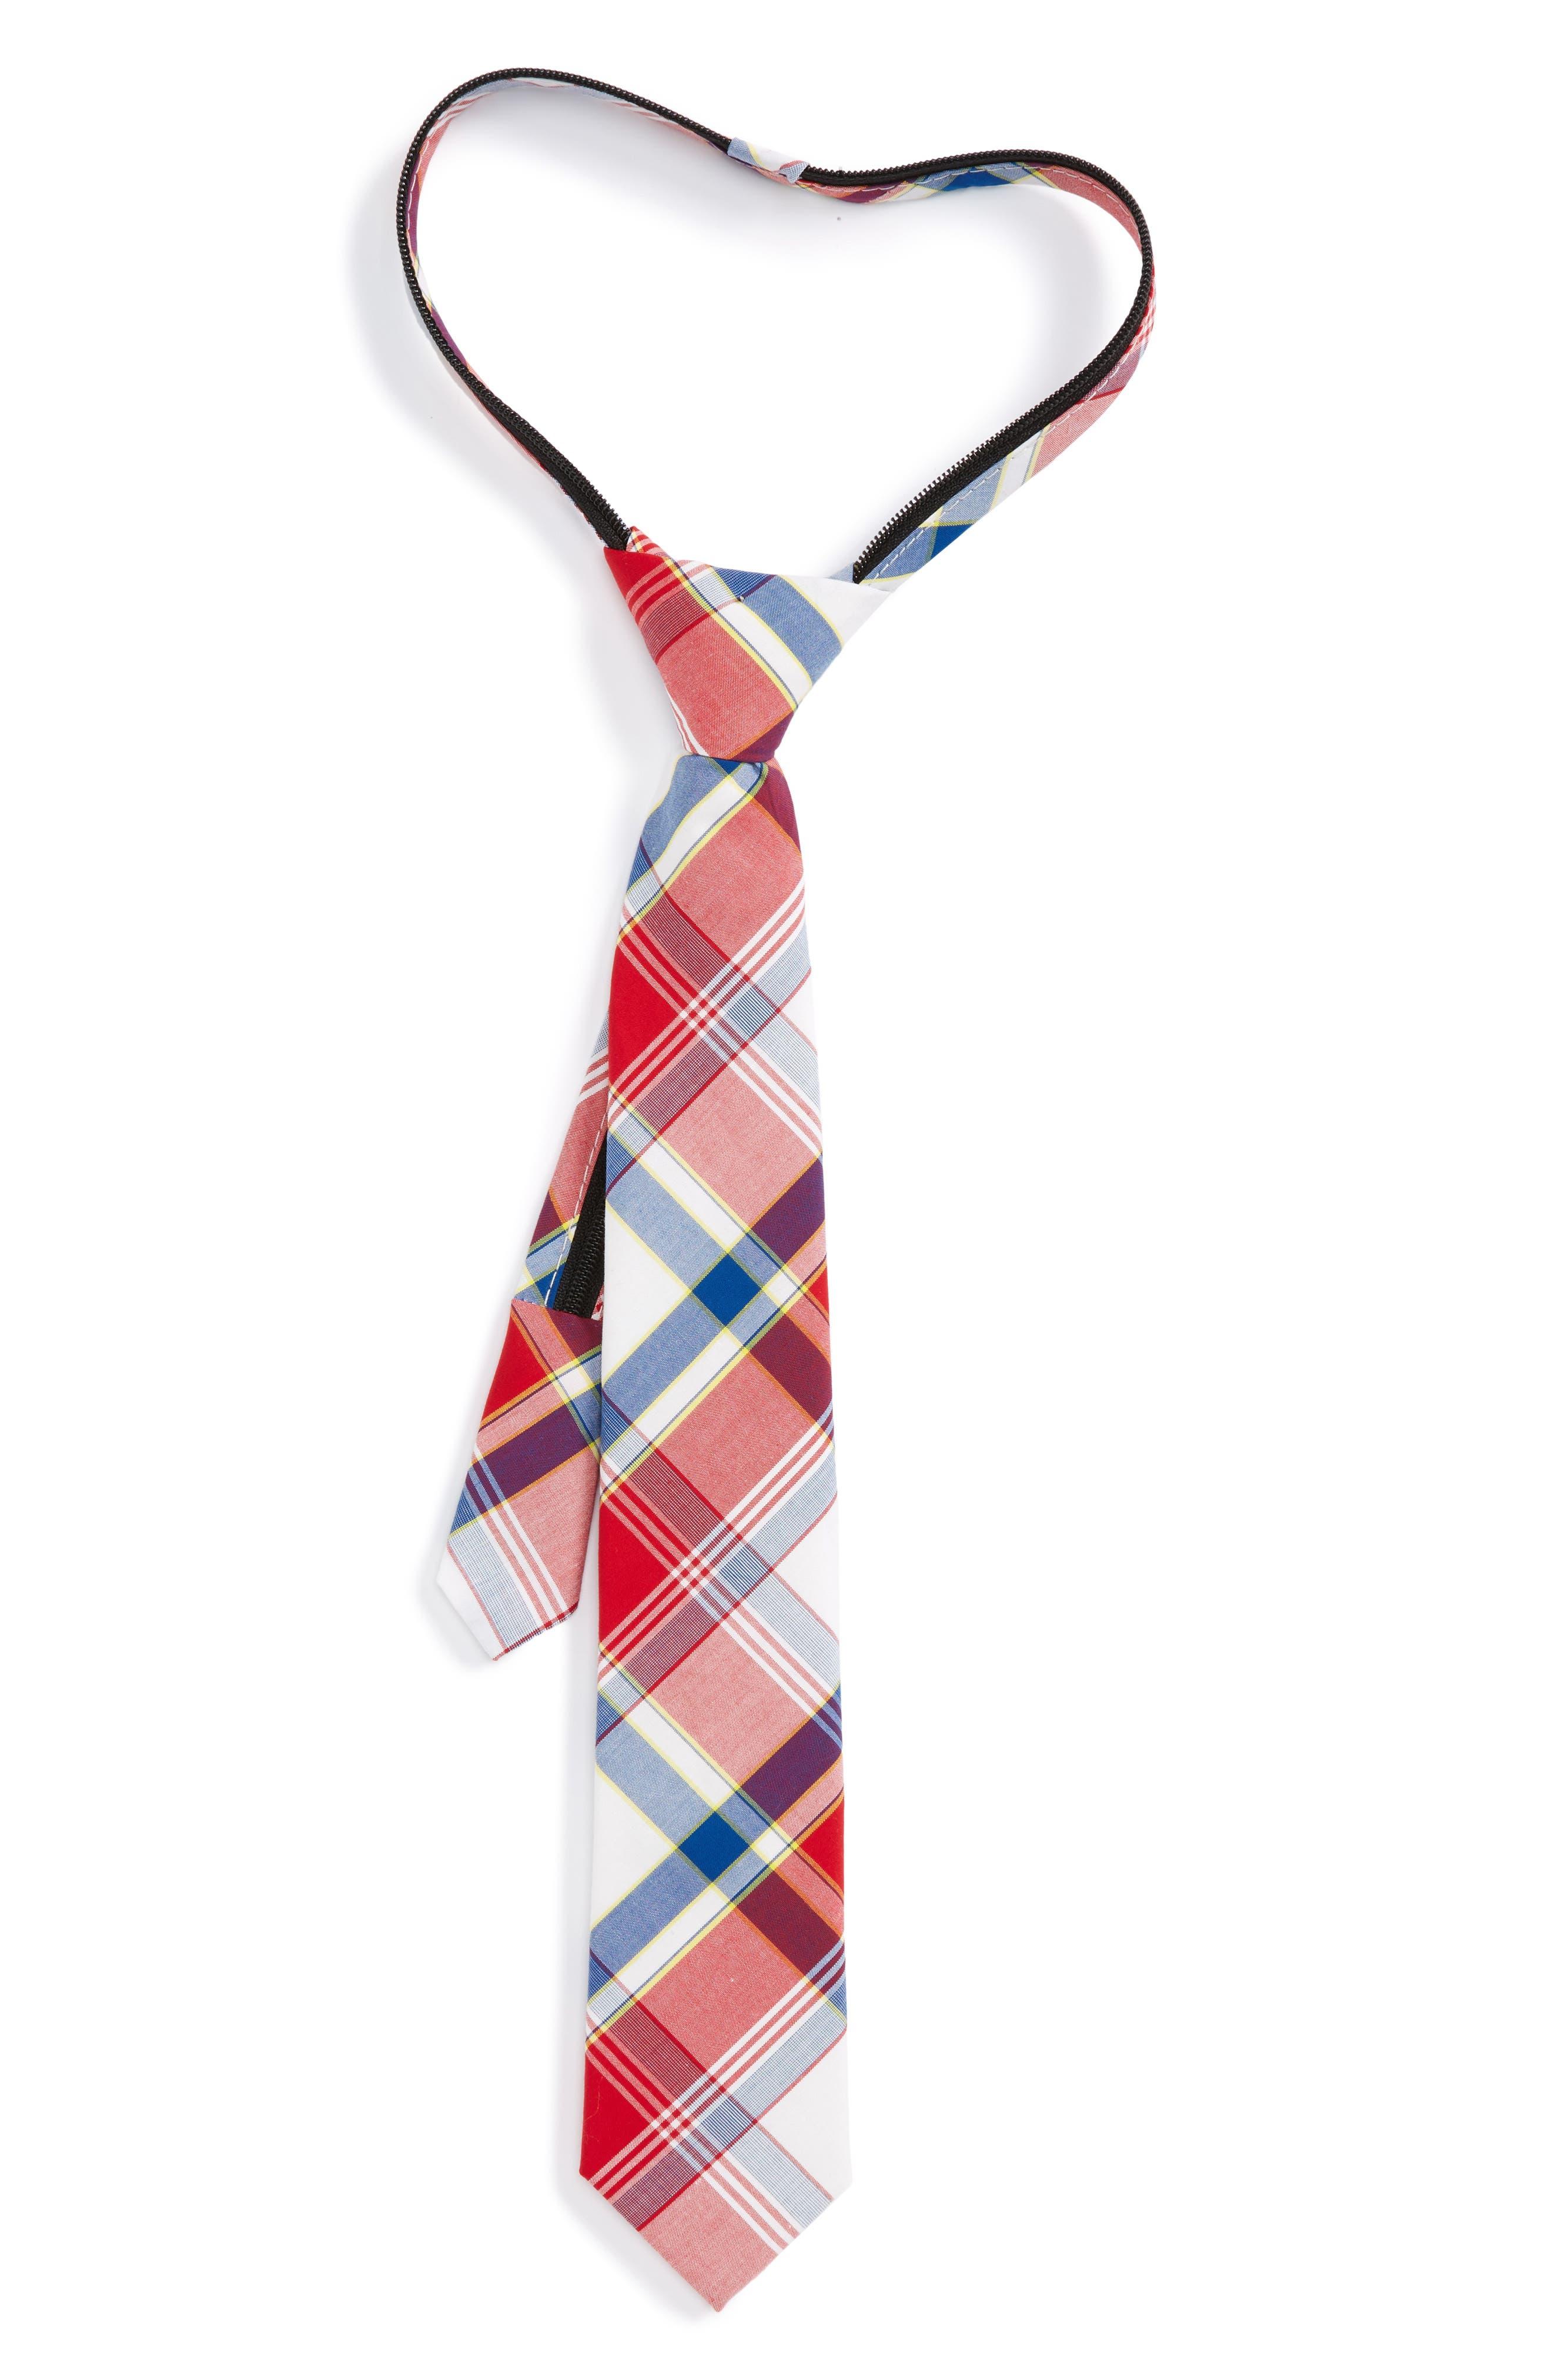 Plaid Cotton Zip Tie,                         Main,                         color, Red- Navy Plaid